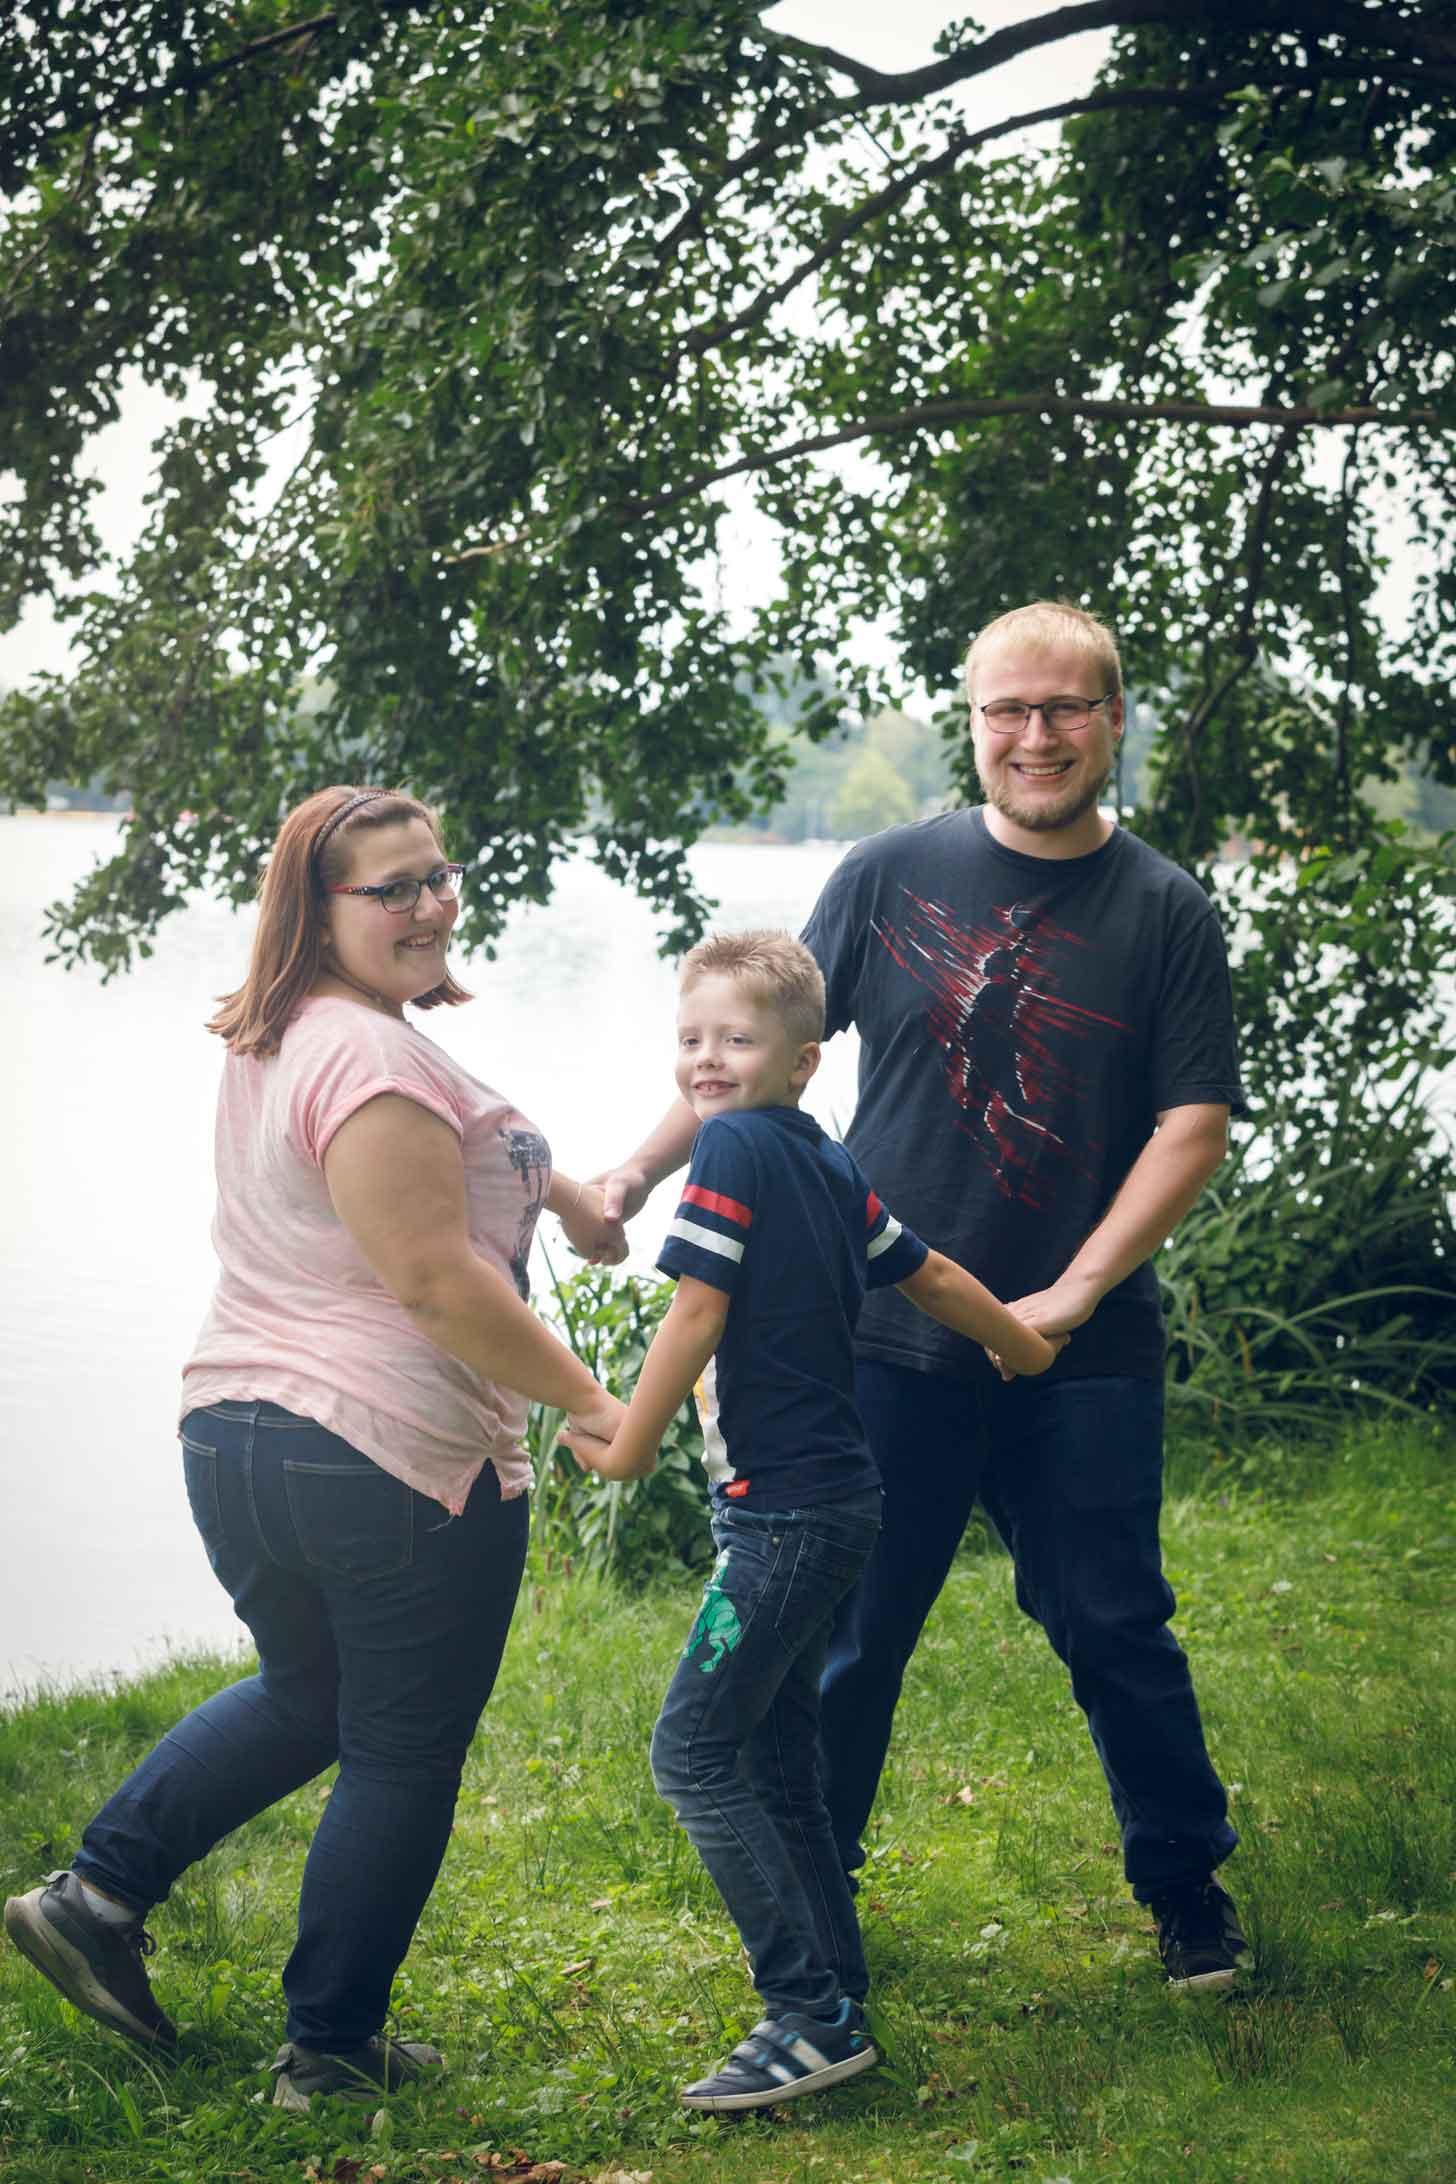 Familienshooting in Nürnberg - Ein Naturerlebnis am Dutzendteich IMG 9810w